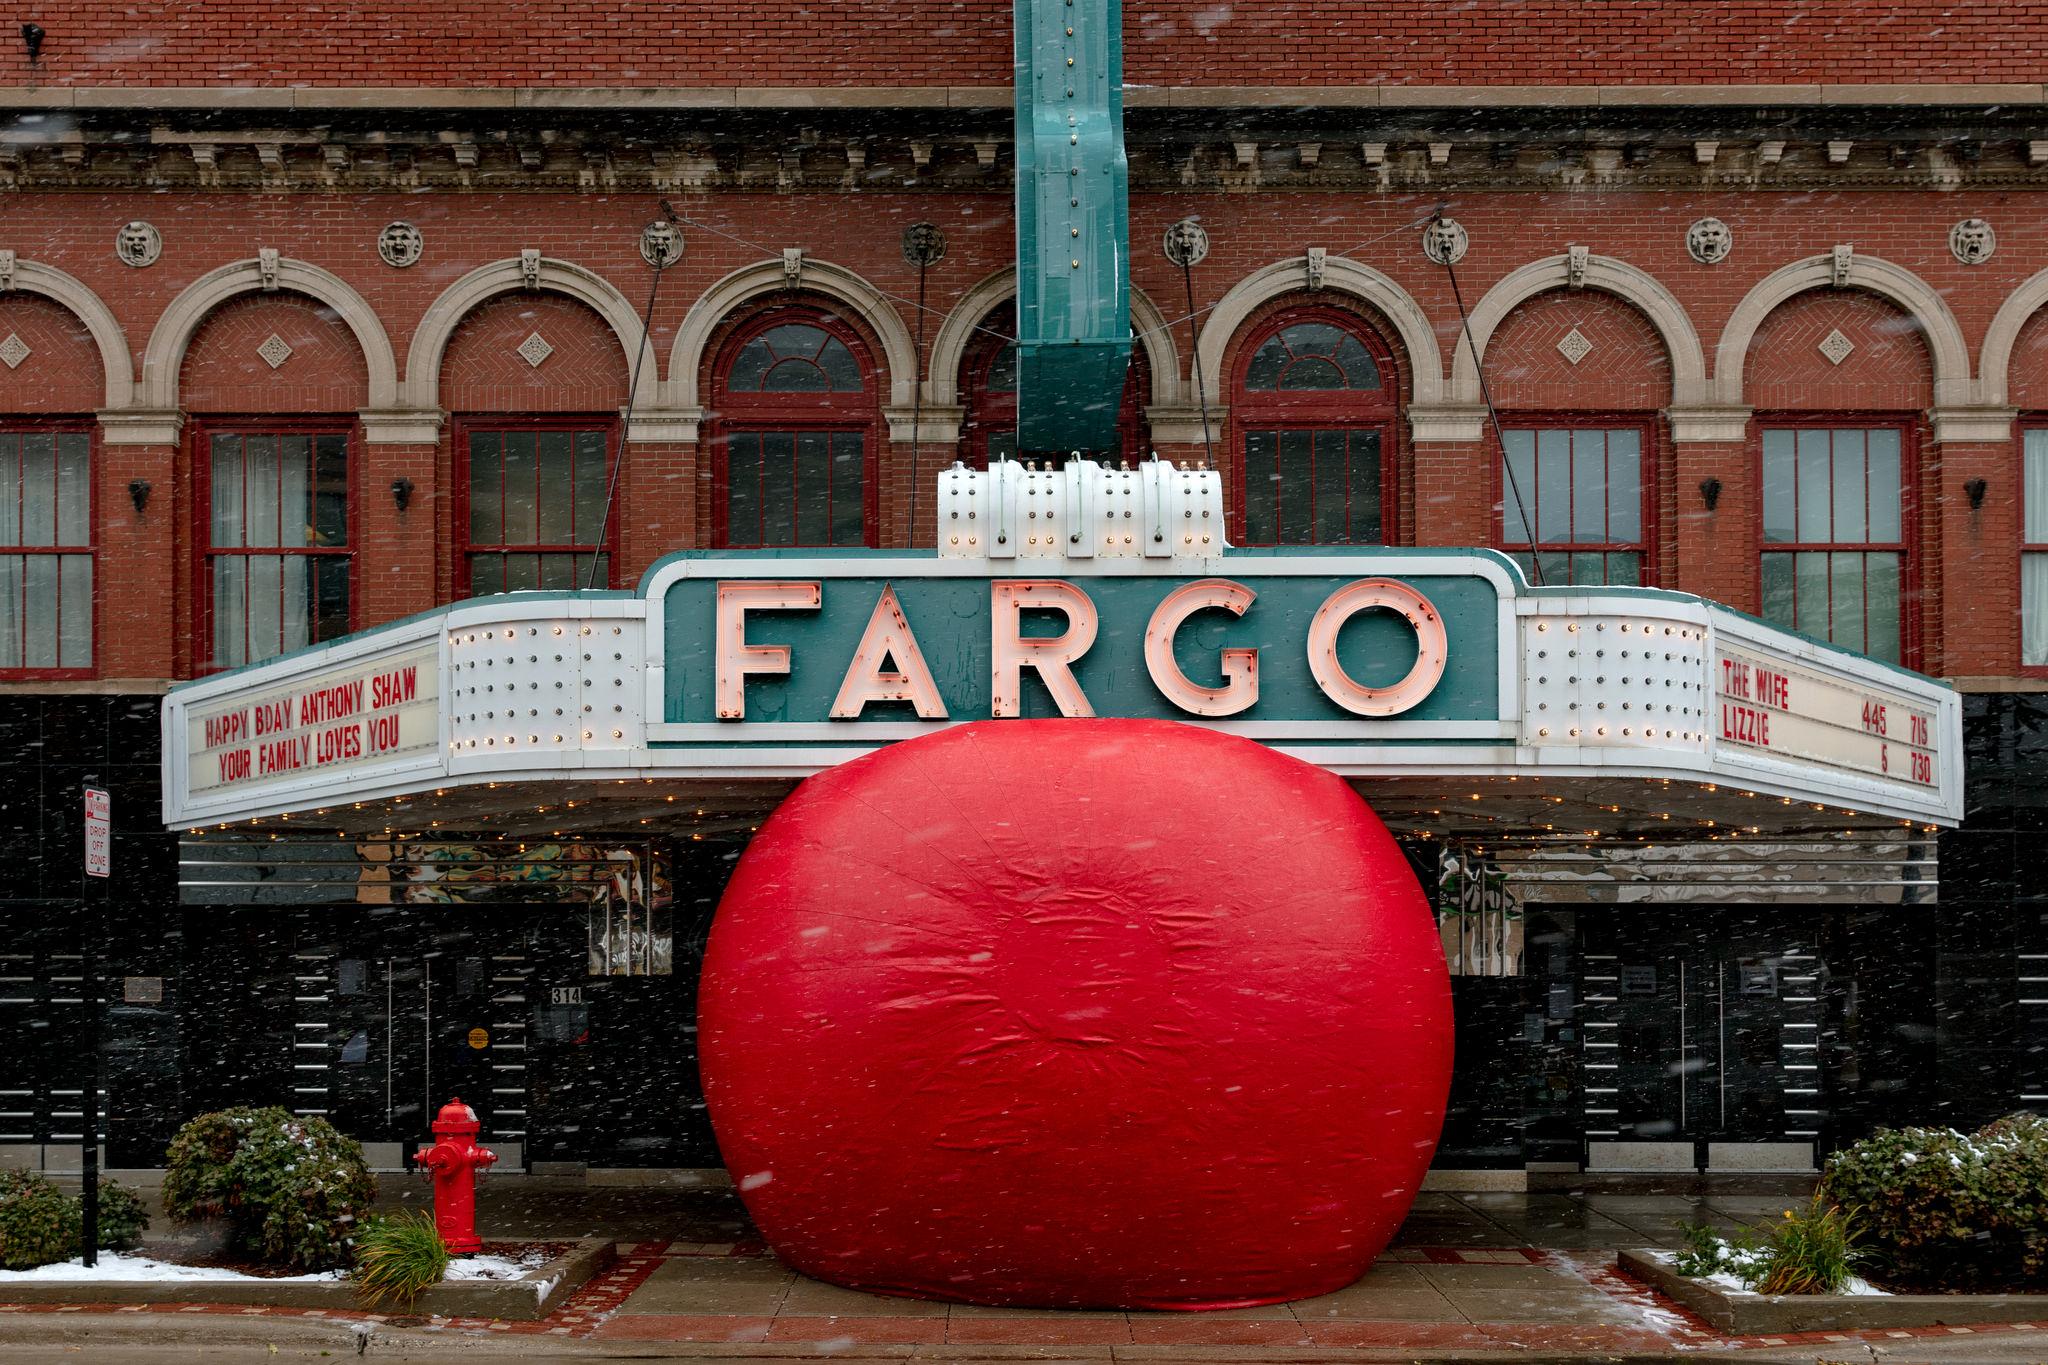 The RedBall Project at the Fargo Theatre, Fargo, North Dakota